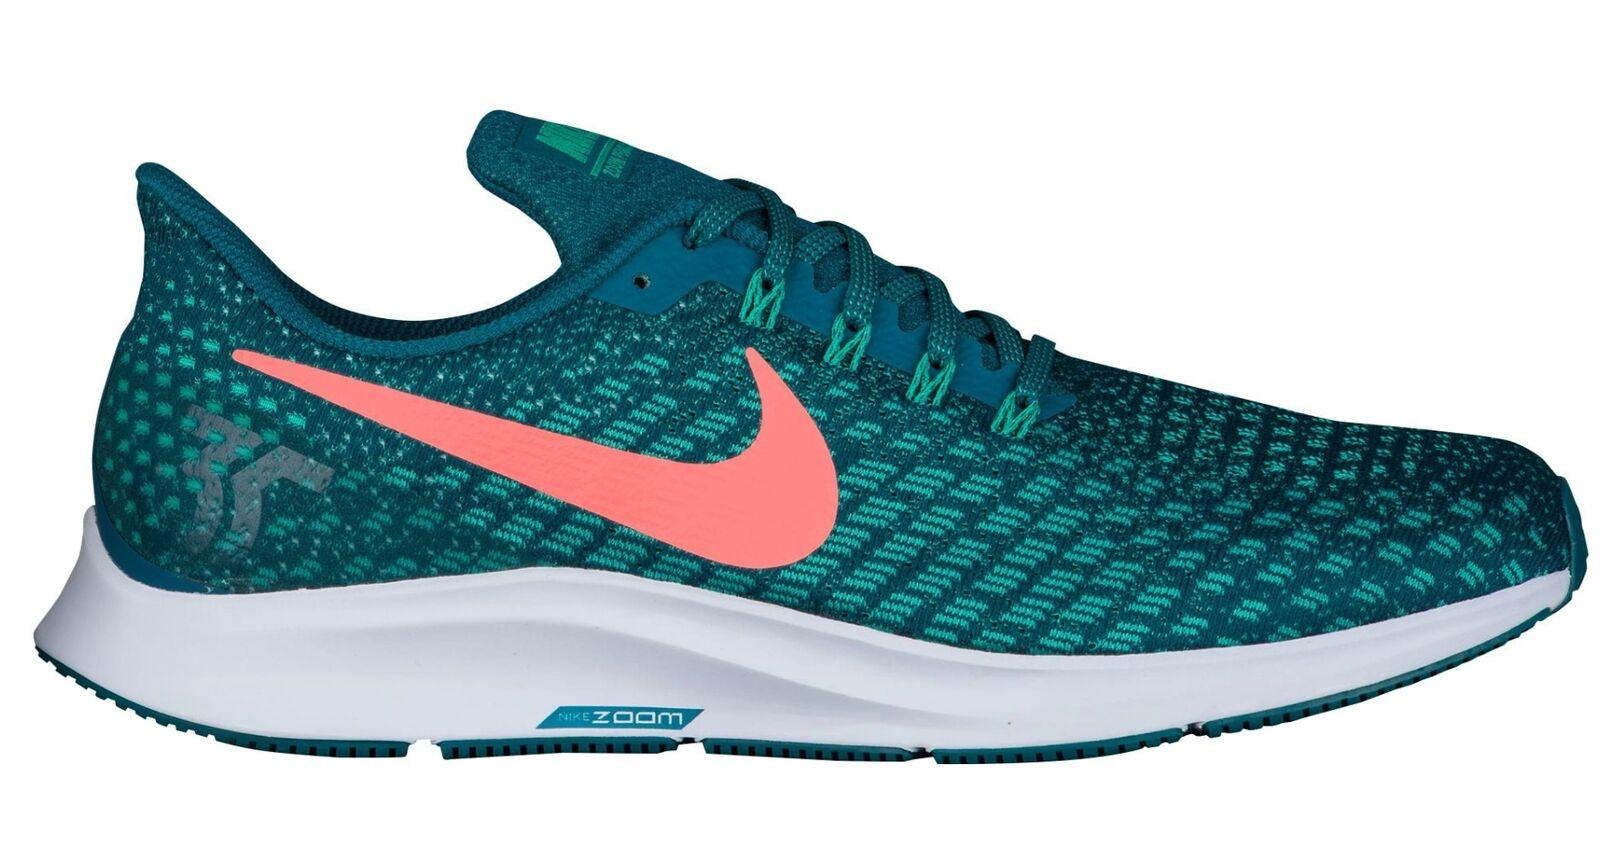 Nike air zoom laufschuhe pegasus 35 männer 942851-300 geode blaugrün mesh laufschuhe zoom größe 11. 50fd5f